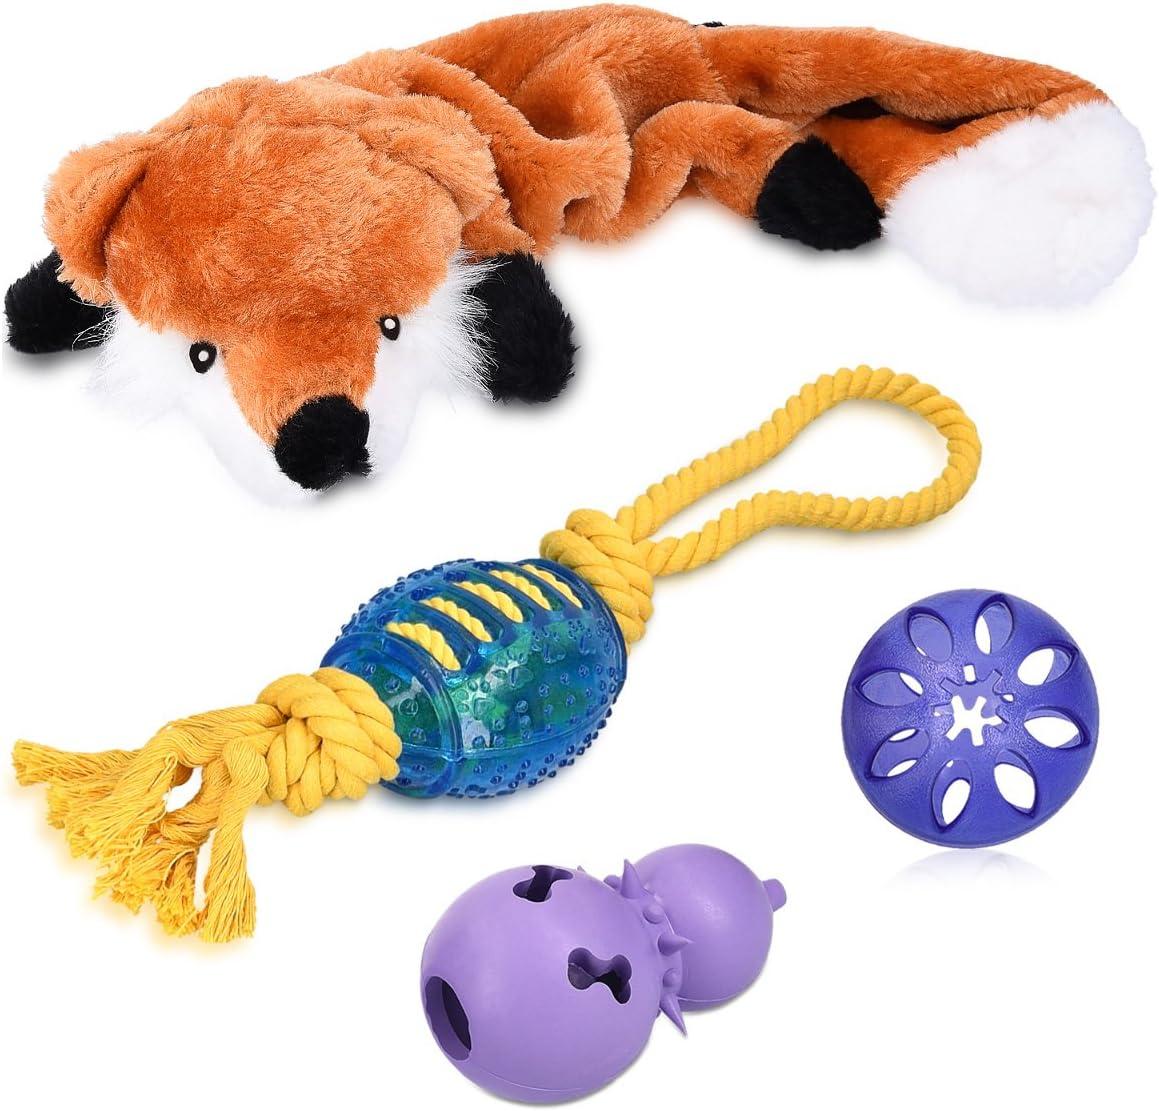 Navaris Set 4en1 de Juguetes para Perros - Pack con Zorro de compresión Snack Ball dispensador de croquetas y Cuerda de Rugby - Ideal para Cachorros